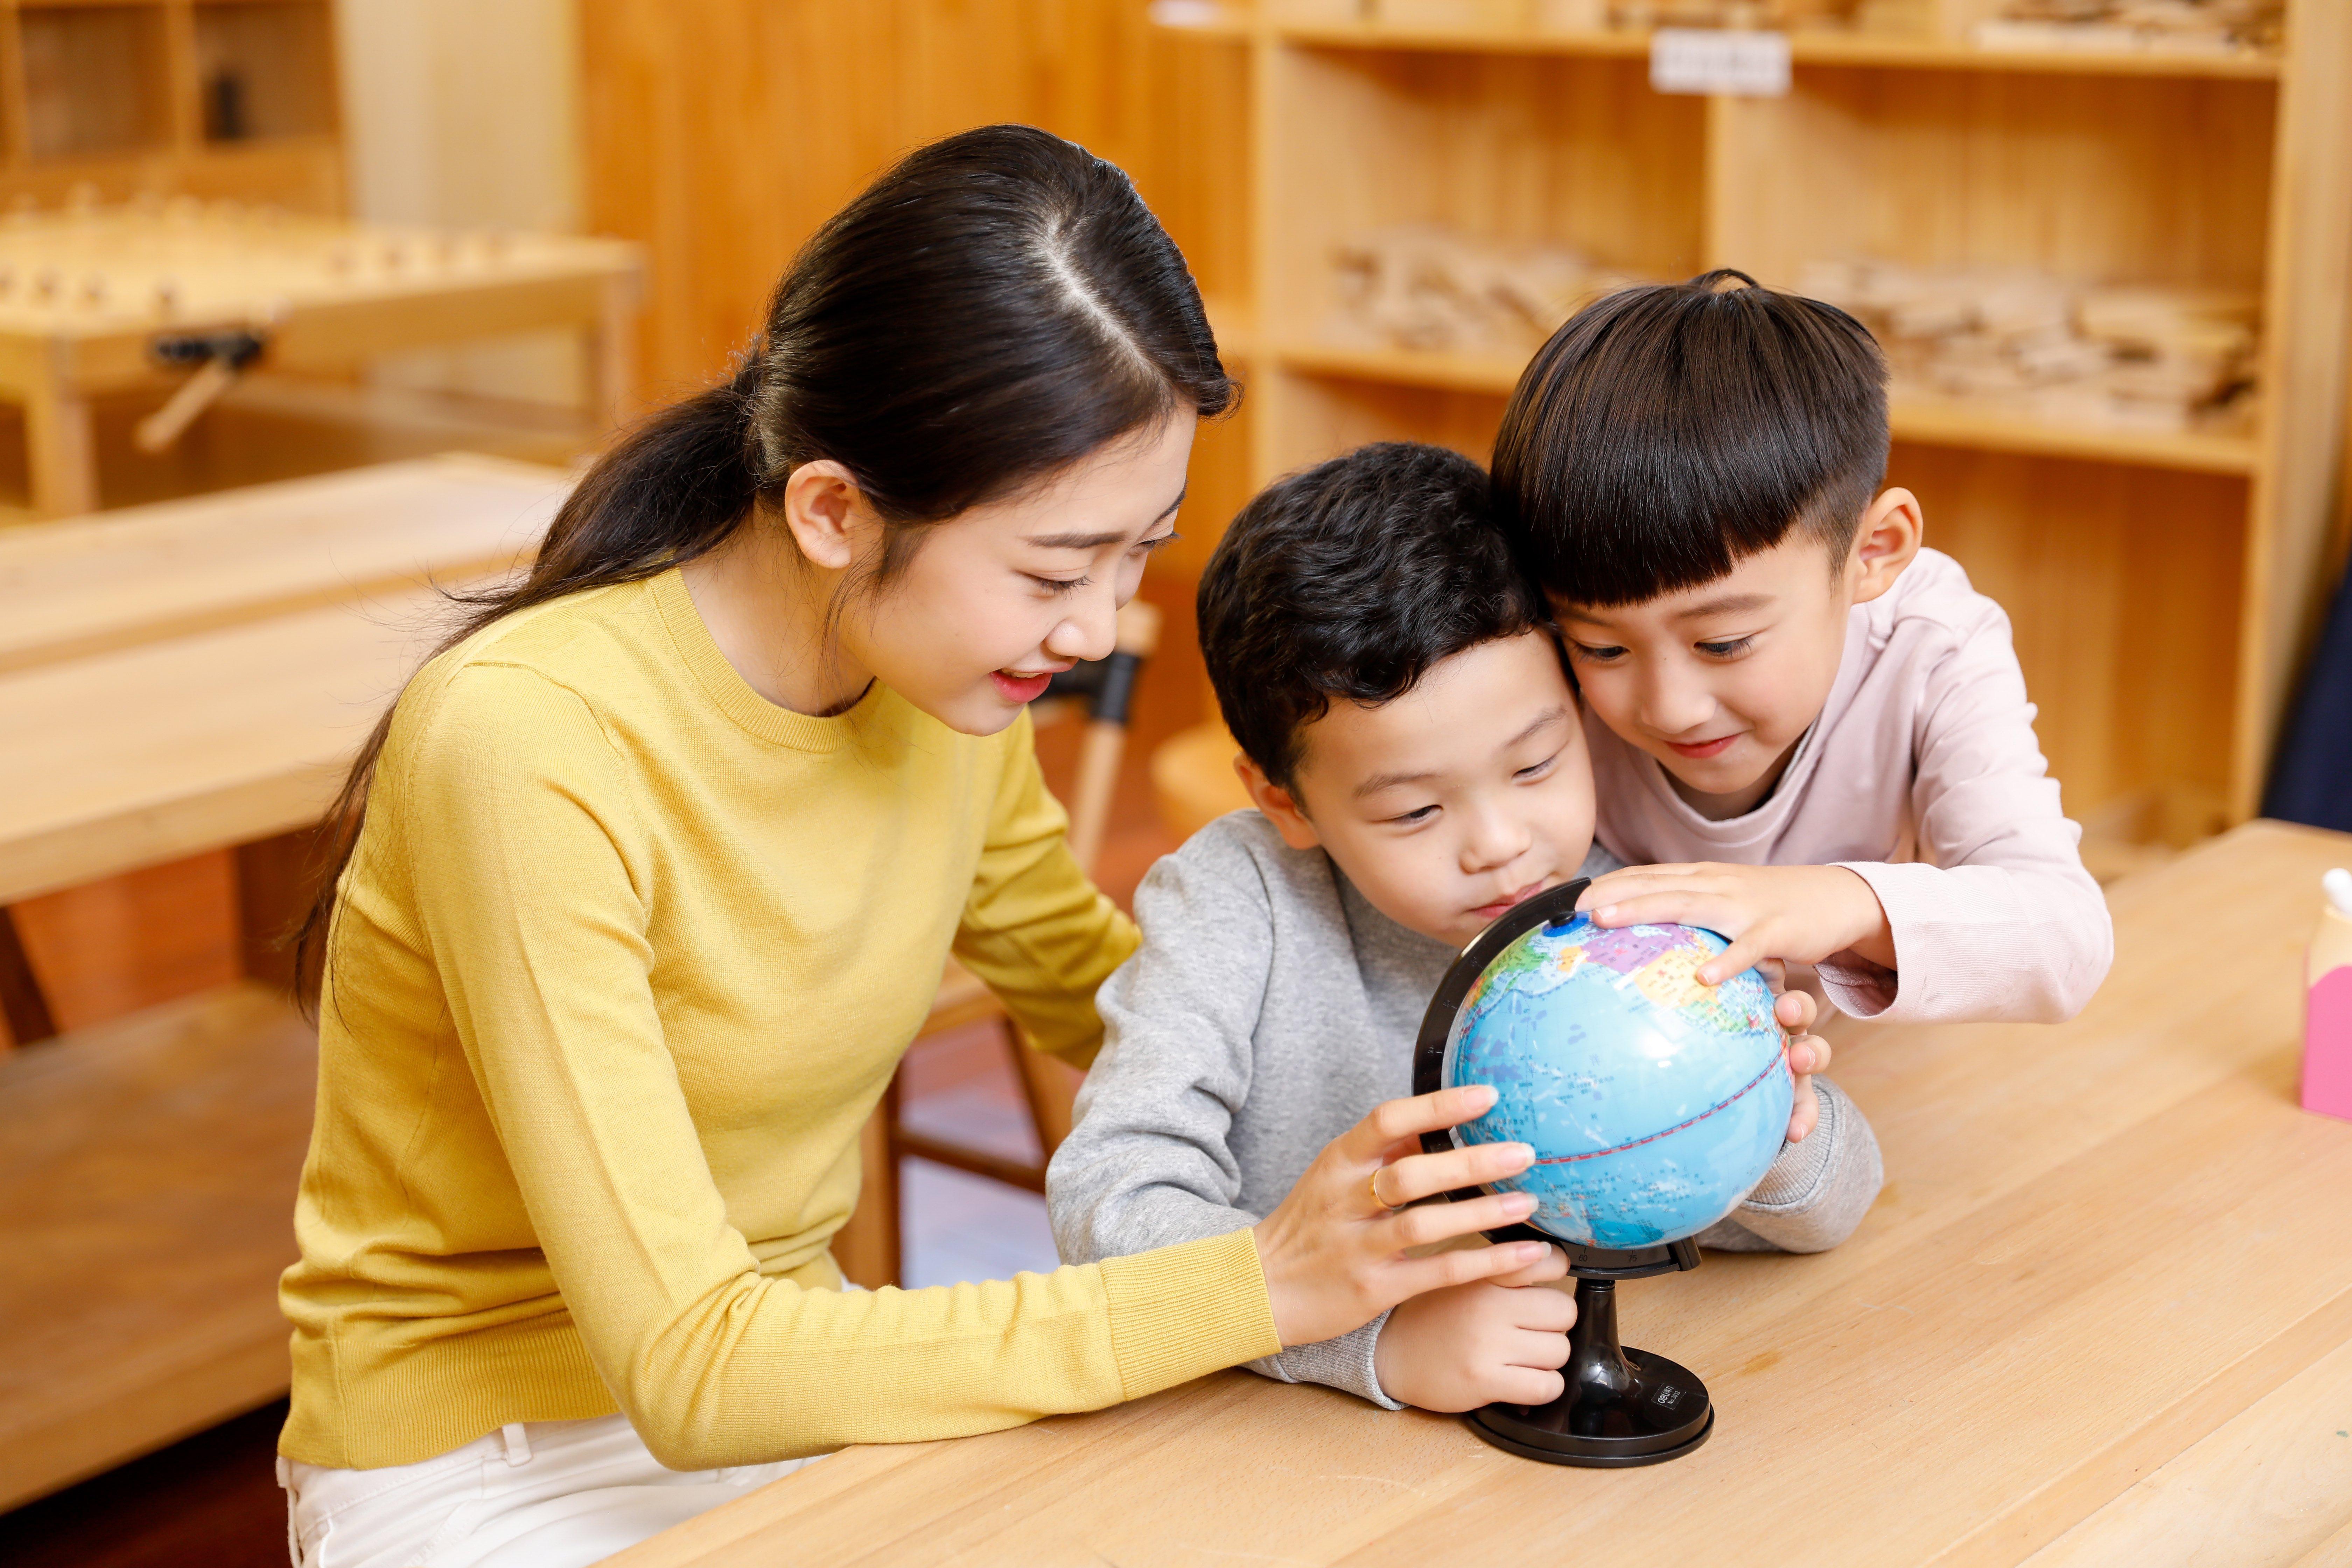 孩子经常走神、不会听讲、不遵守纪律,原因可能是听觉注意力差